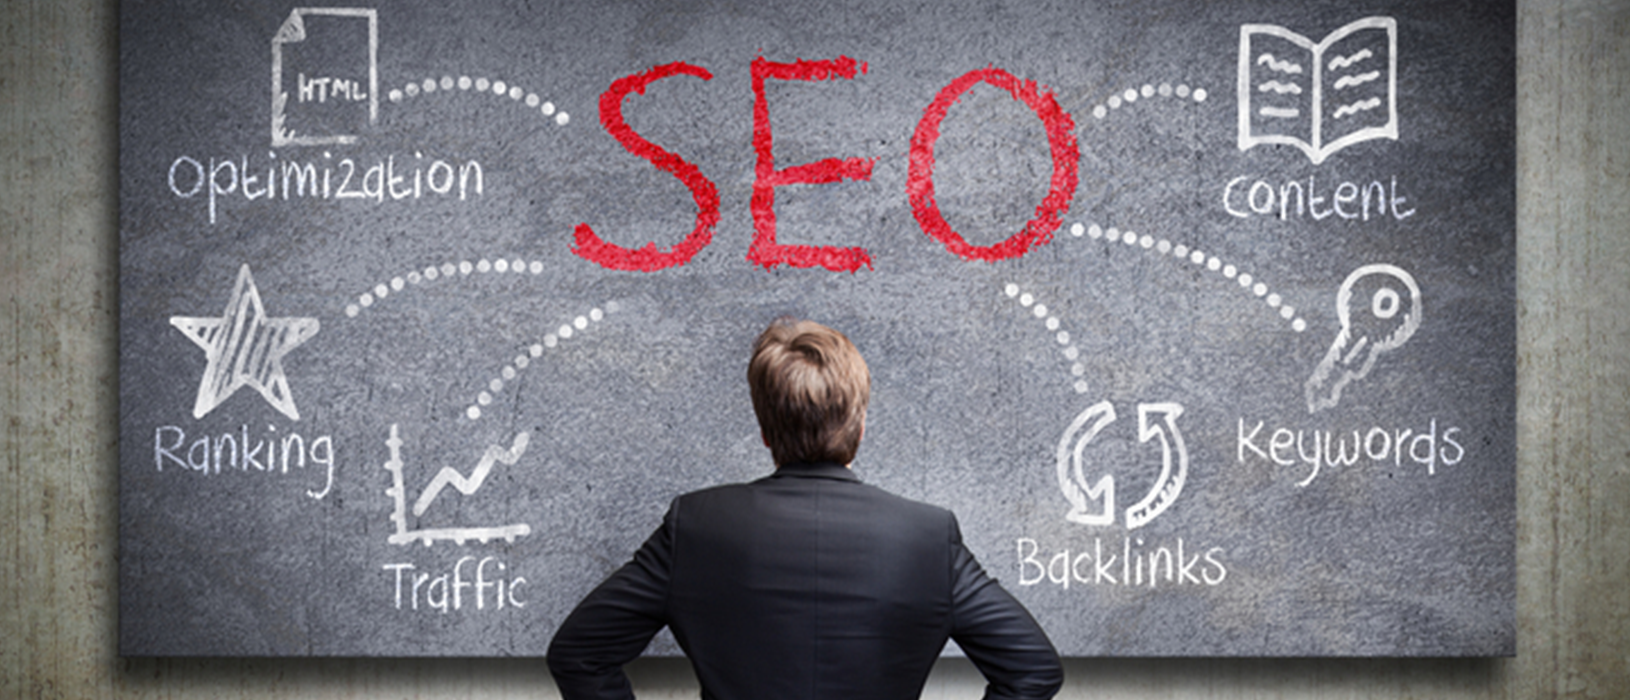 Durch gute Platzierungen in Suchmaschinen lassen sich größere Unternehmenserfolge erzielen. Foto: DIM.